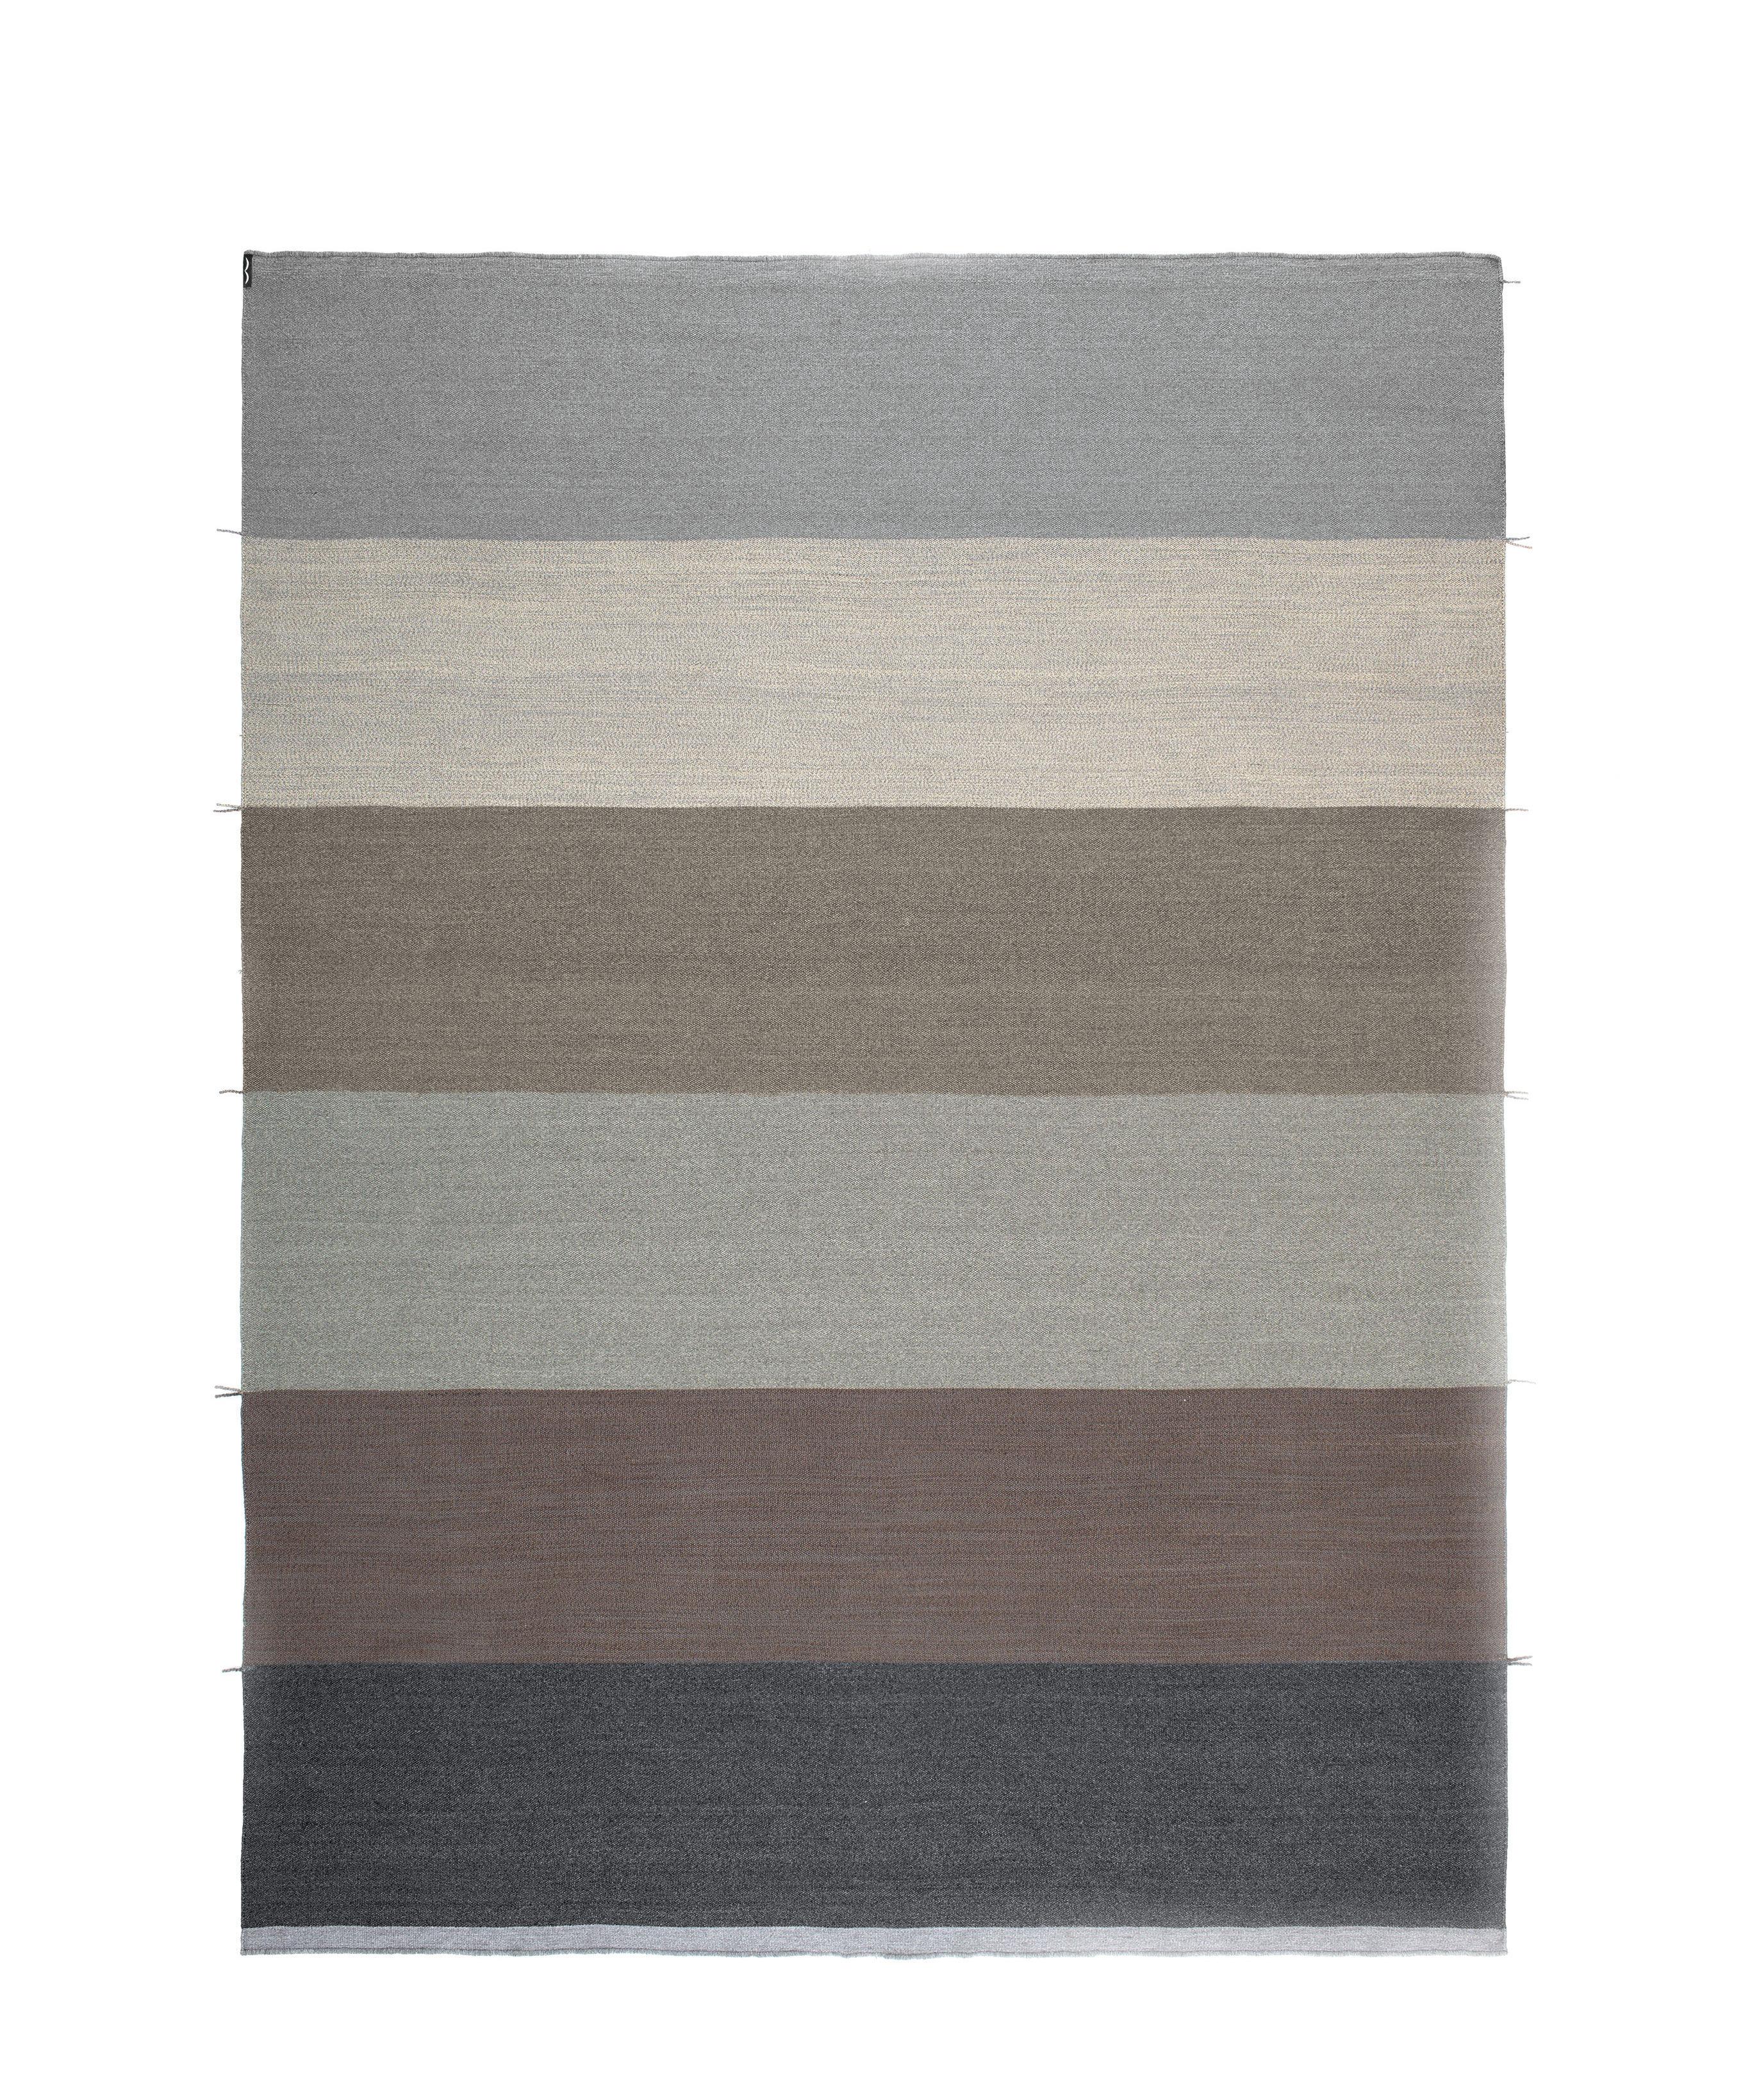 Déco - Tapis - Tapis d'extérieur Mustache - RE / Tissé main - 200 x 300 cm - Kristalia - Canvas - Polypropylène